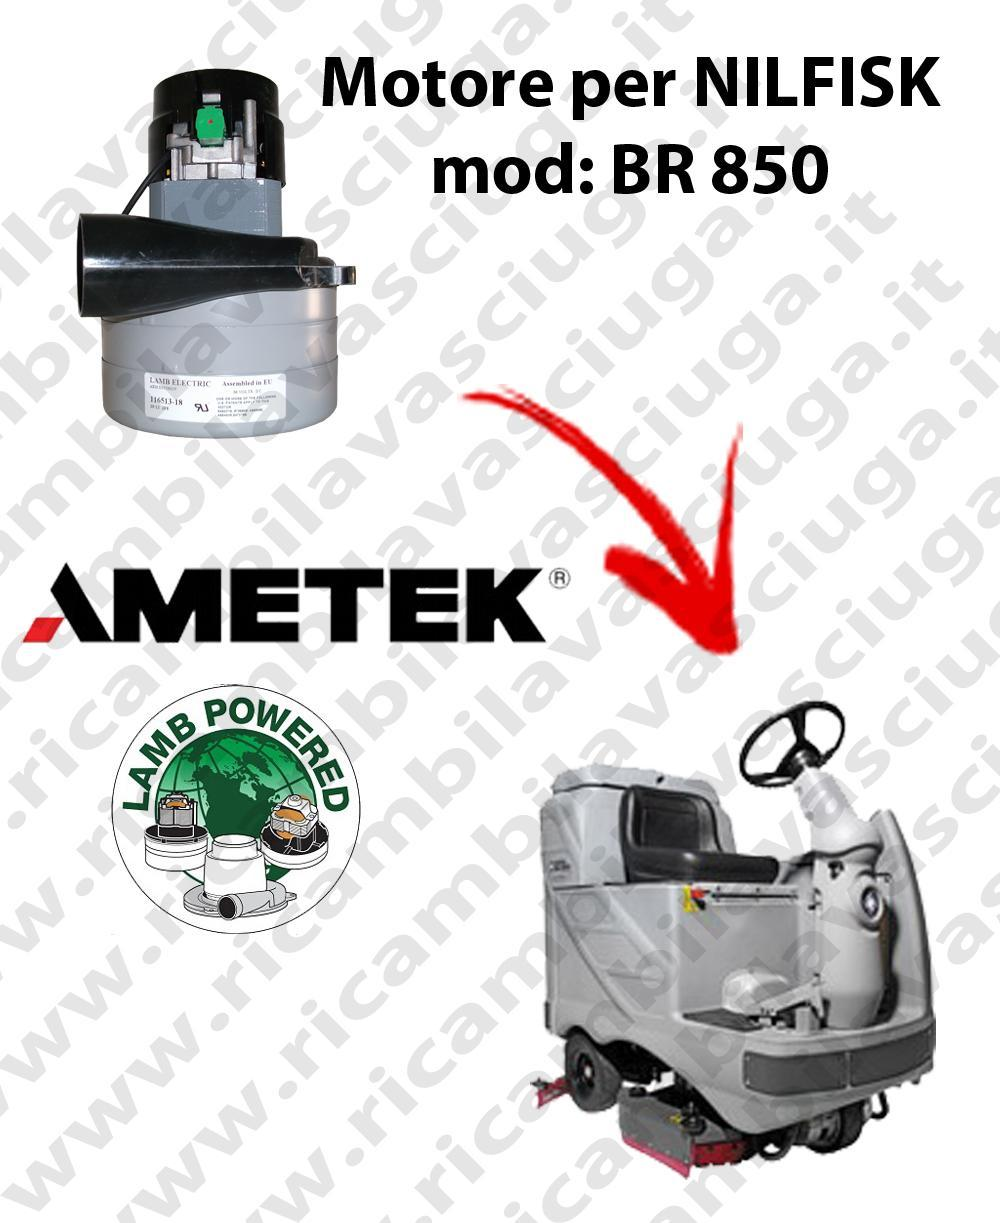 BR 850 MOTEUR ASPIRATION LAMB AMETEK pour autolaveuses NILFISK